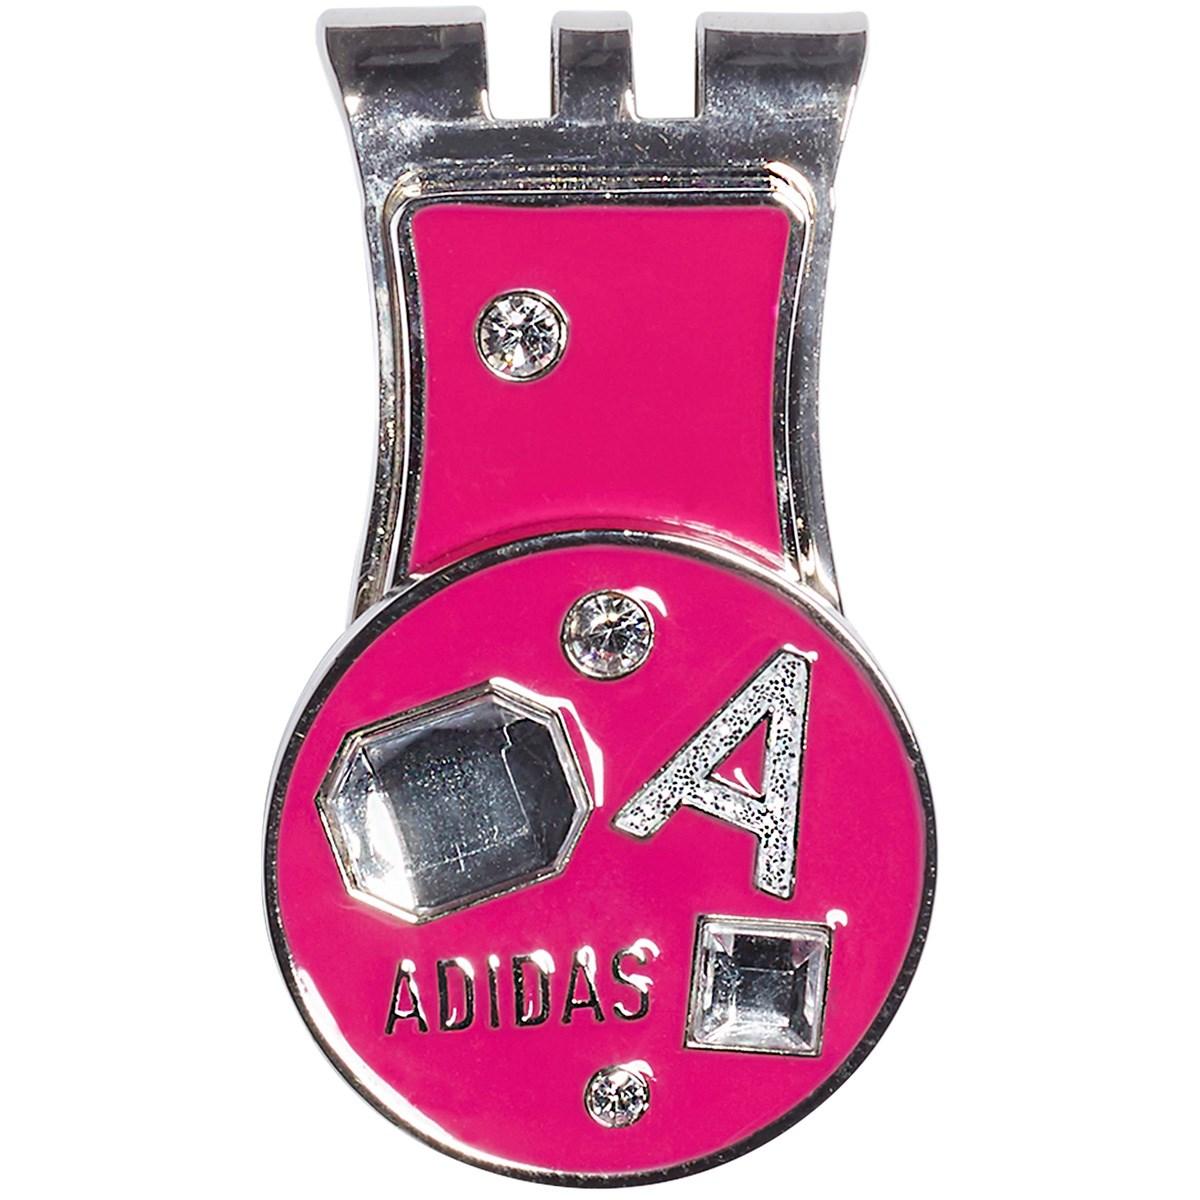 アディダス Adidas ストーンポケットコインマーカー ピンク